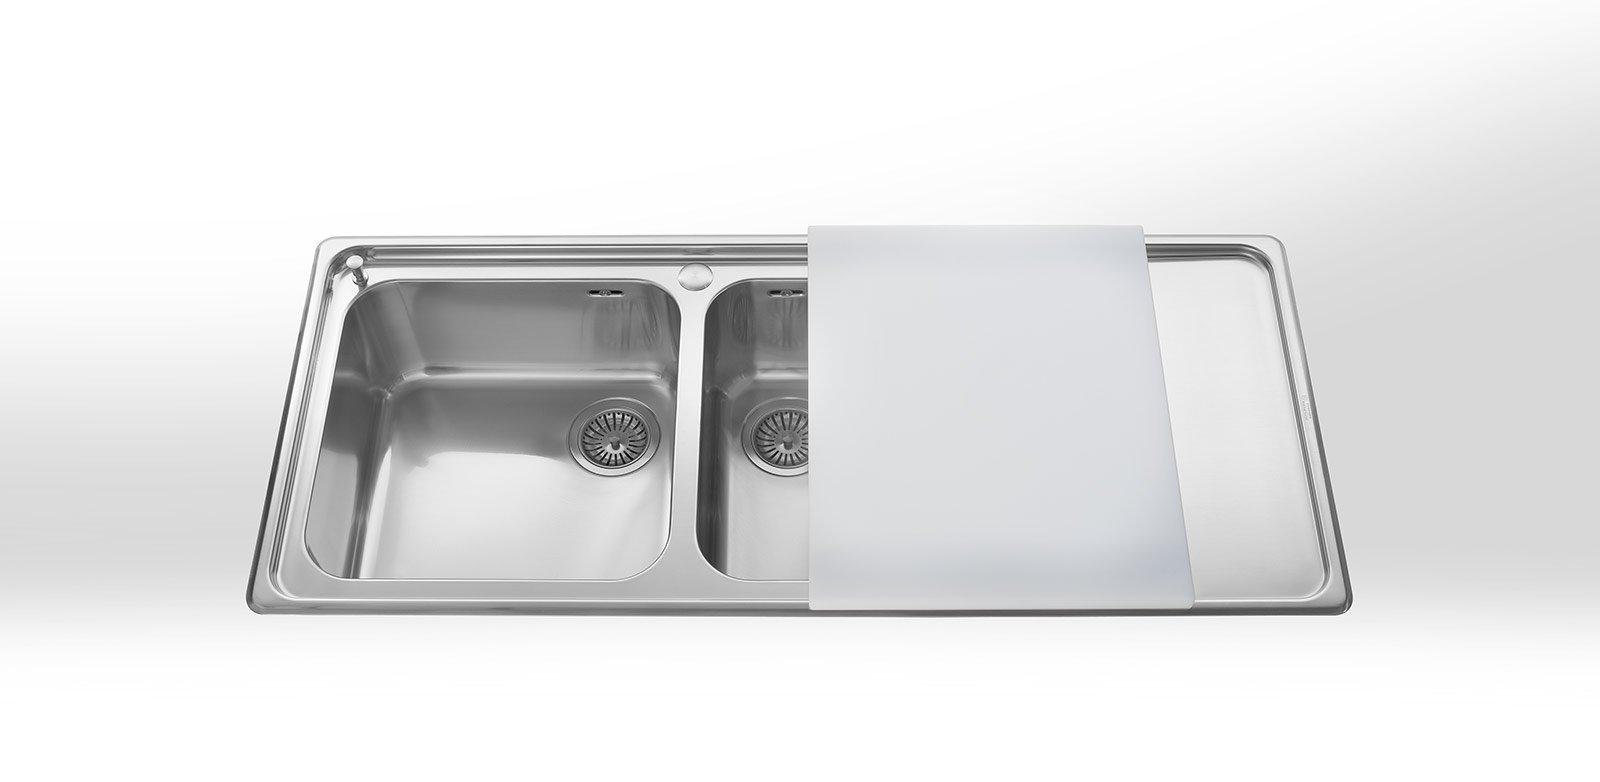 Lavatoio acciaio inox ikea tavolo consolle allungabile for Dispenser sapone ikea